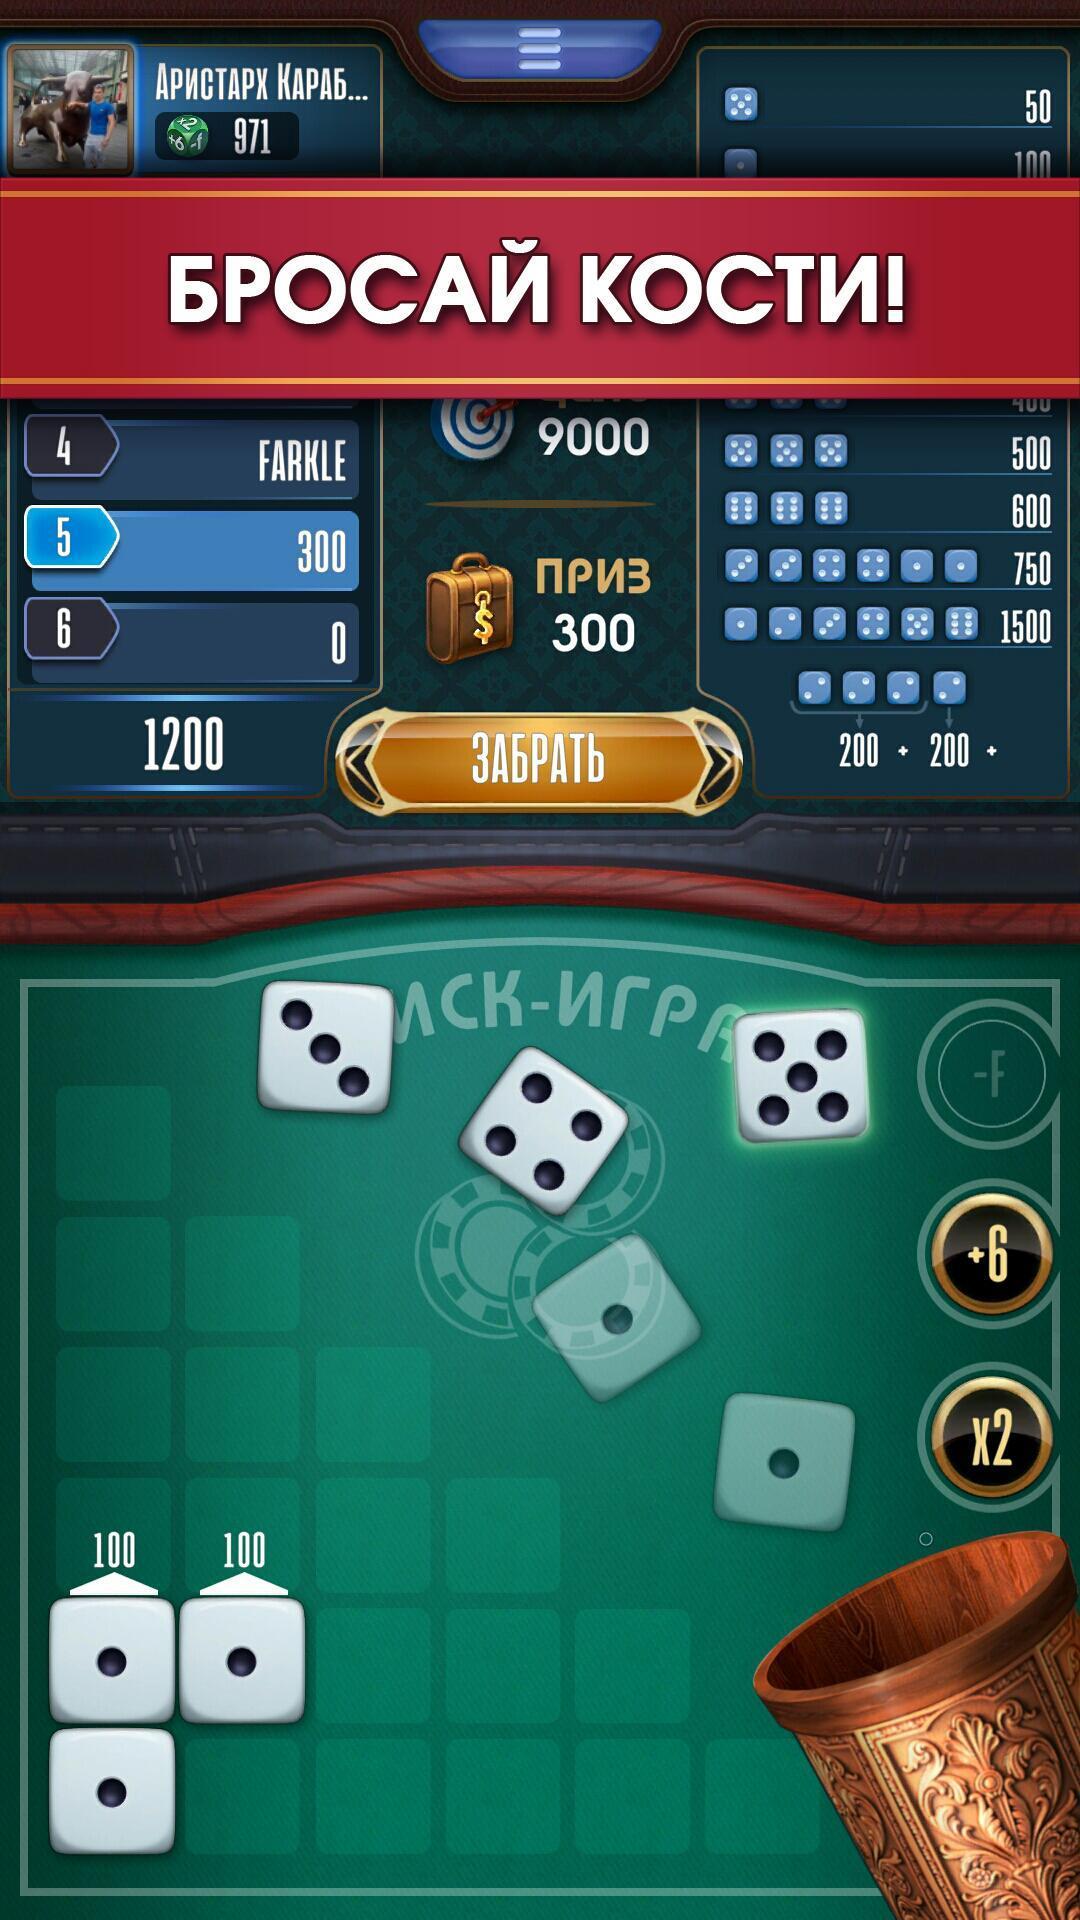 Покер игра скачать бесплатно не онлайн играть в рулетку без денег